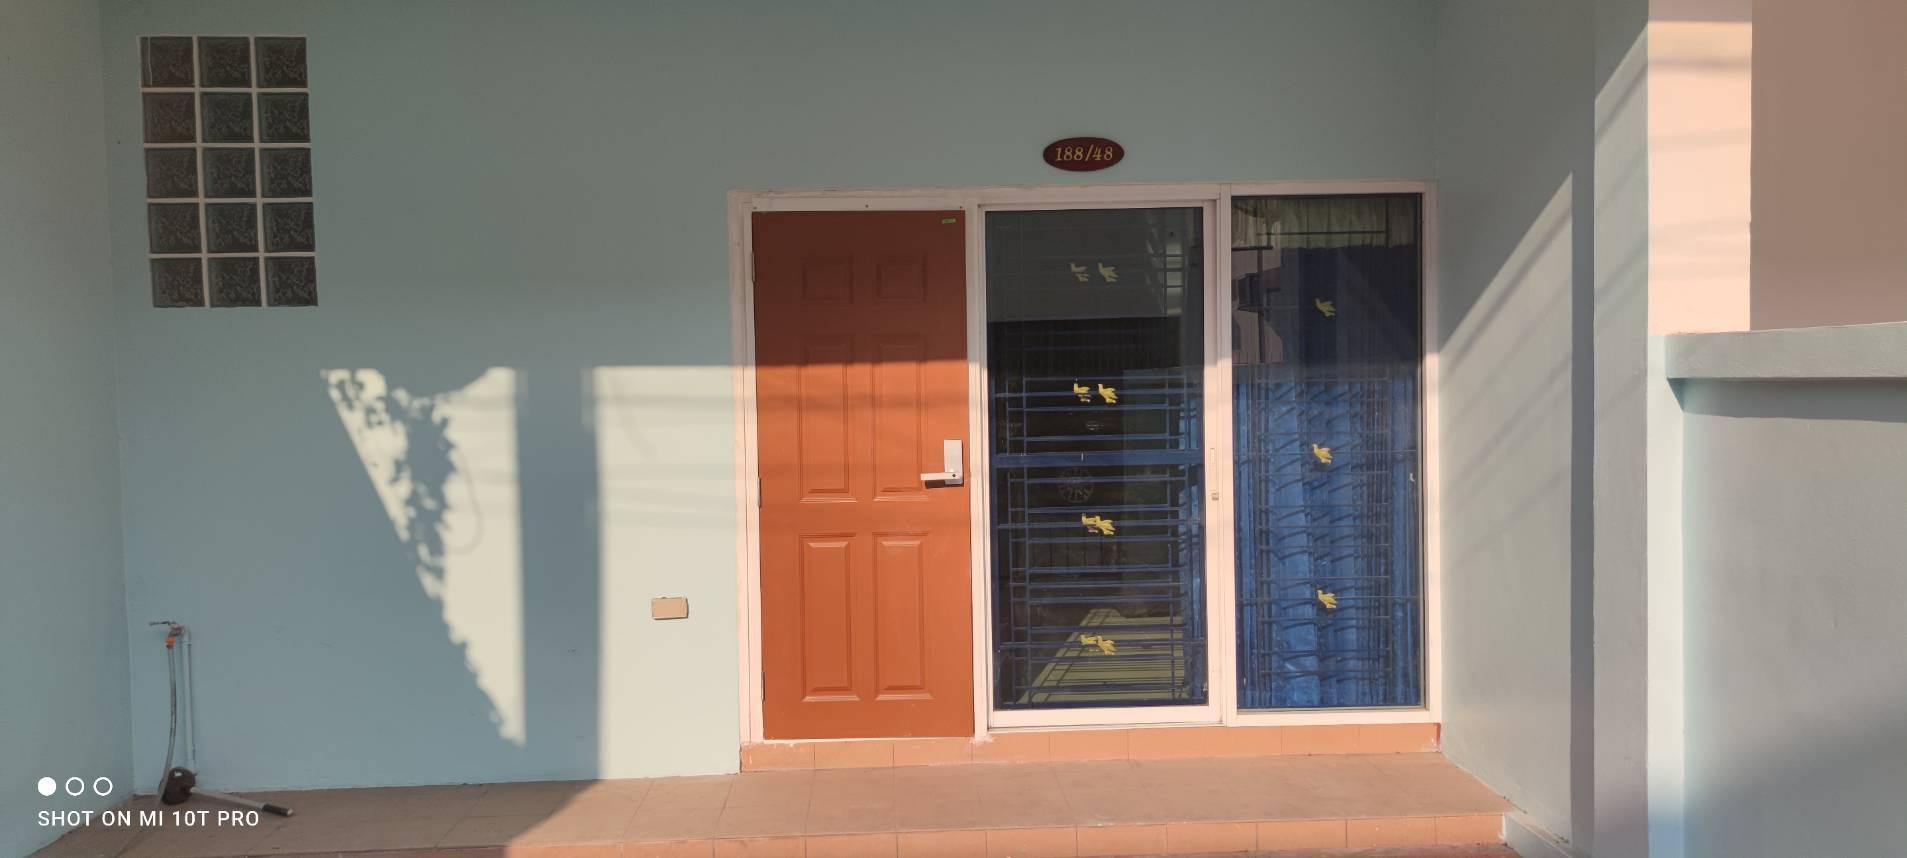 ขายด่วนทาวน์เฮ้าส์ (ปรับปรุงใหม่) ร้อนเงิน  ใกล้โรงเรียนอัสสัมชัญศรีราชา ชลบุรี  3 นอน 2 น้ำ